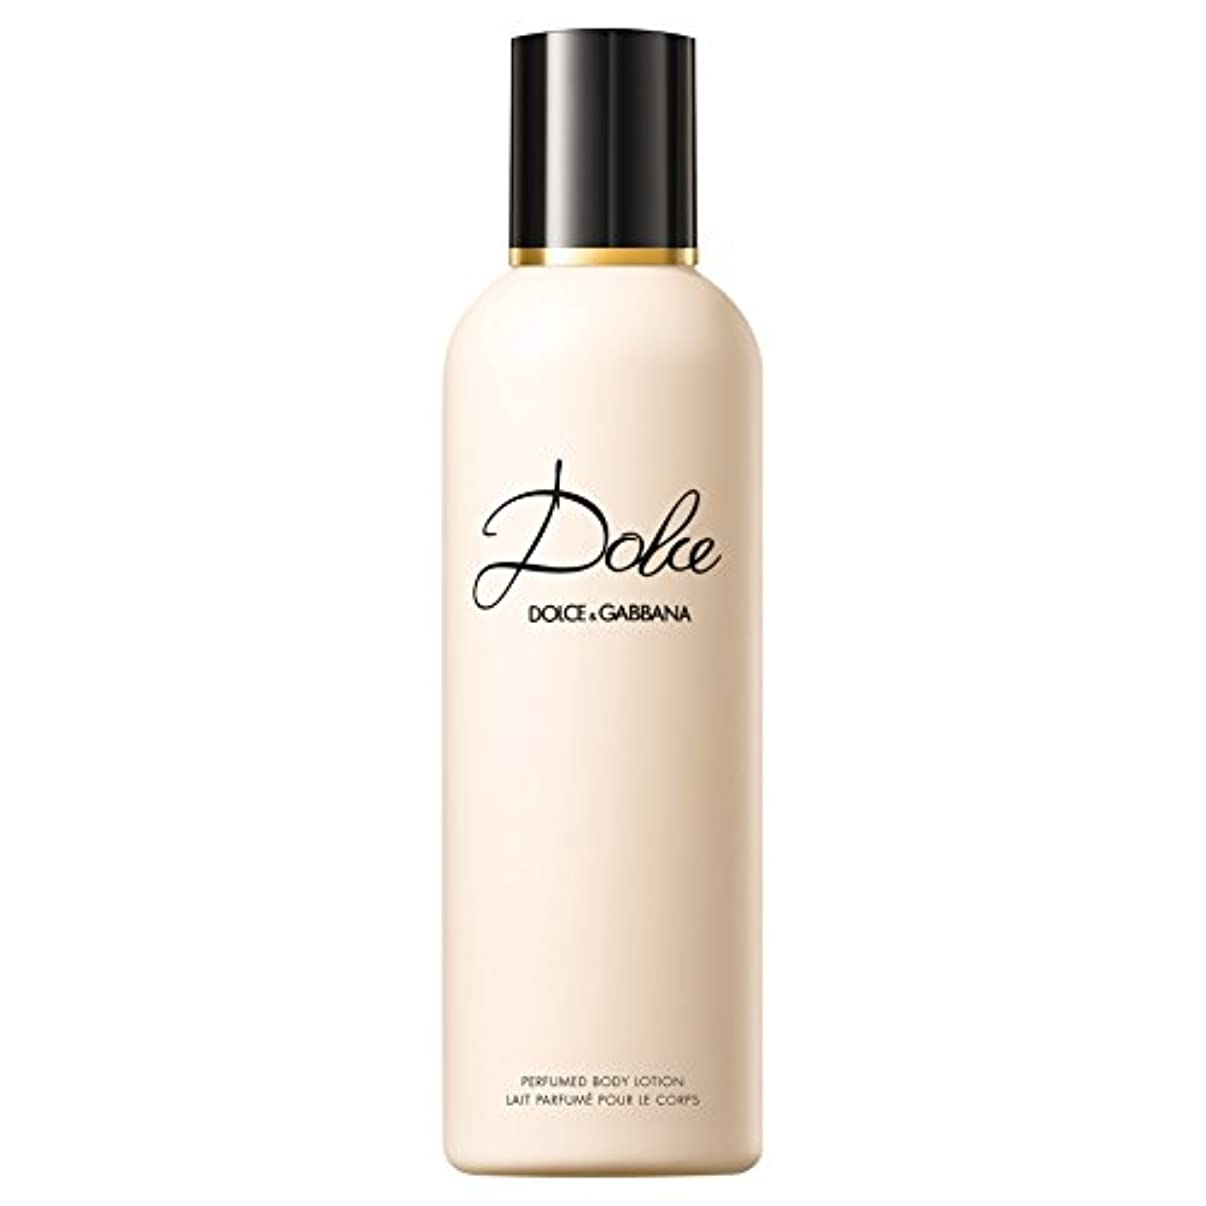 バブルコックタブレットドルチェ&ガッバーナドルチェのボディローション200ミリリットル (Dolce & Gabbana) - Dolce & Gabbana Dolce Body Lotion 200ml [並行輸入品]